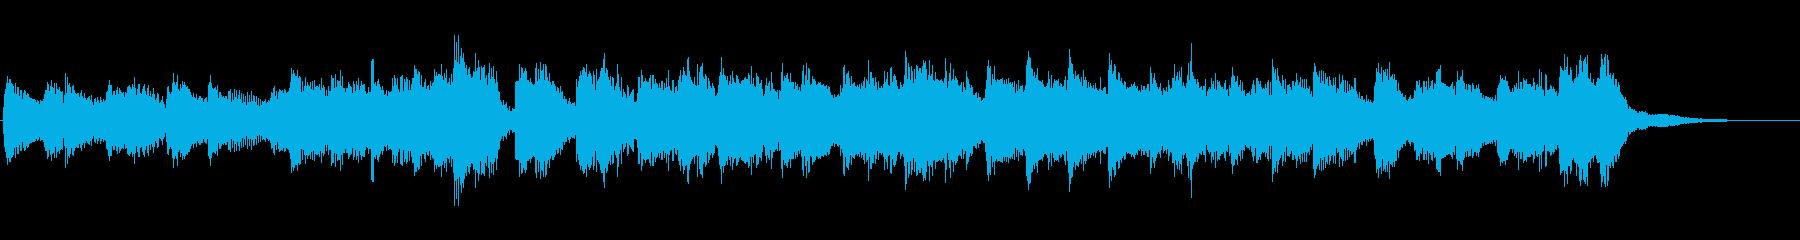 ピアノロックオーケストラ明るいジングルの再生済みの波形